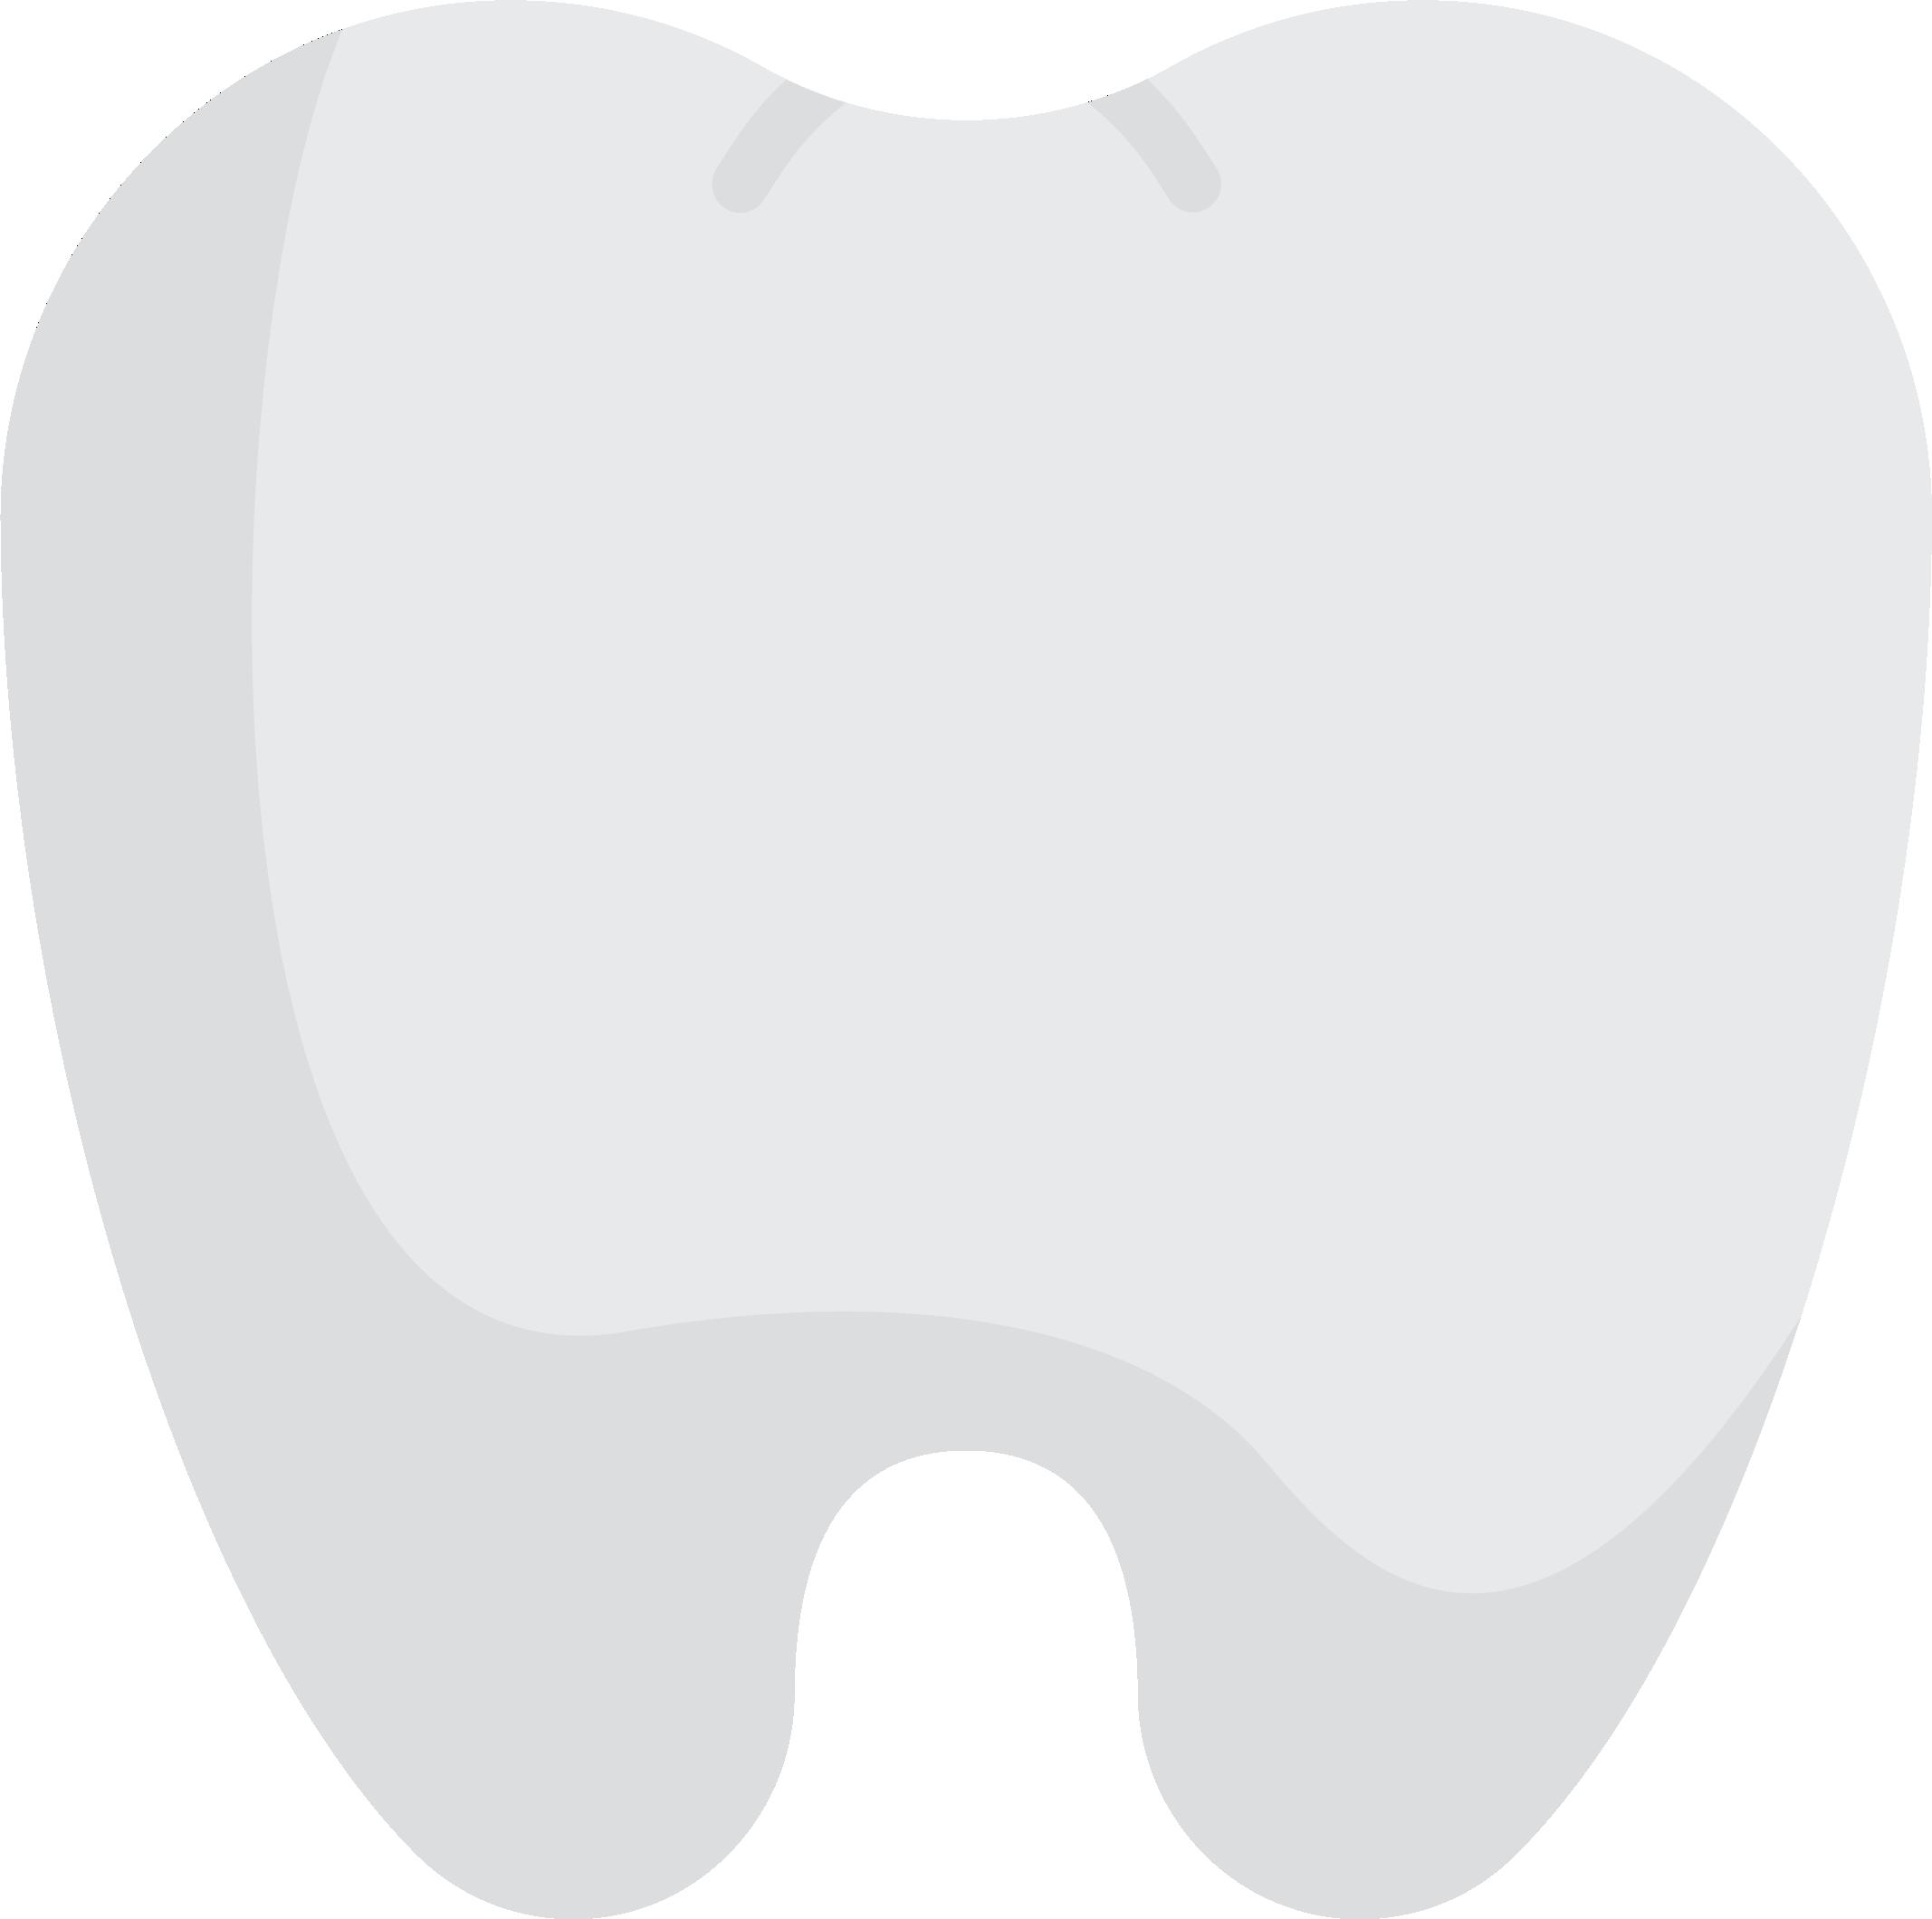 prepa-defi-etudes-dentaires-universite-angers-mans